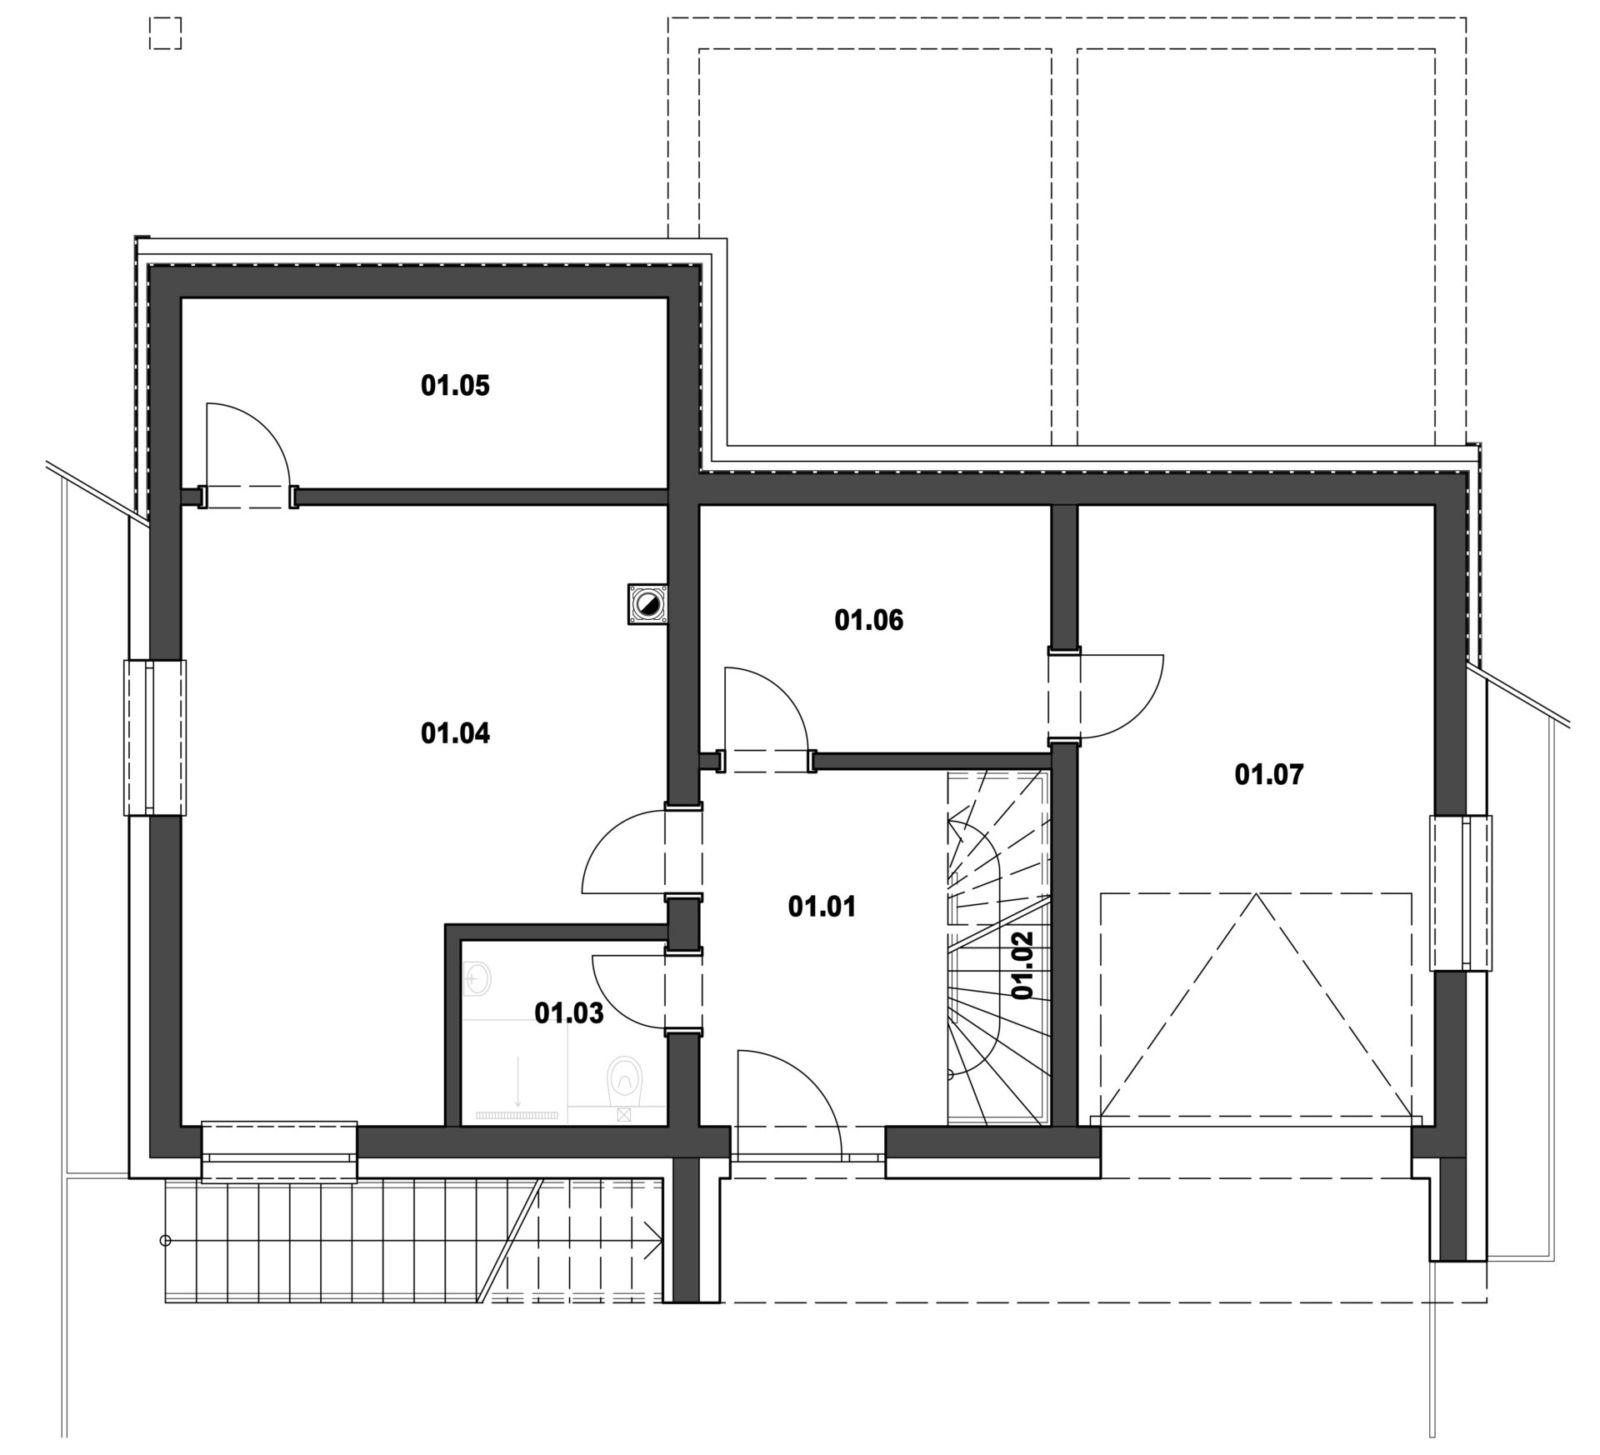 Rodinný dom 4 podzené podlažie pôdorys